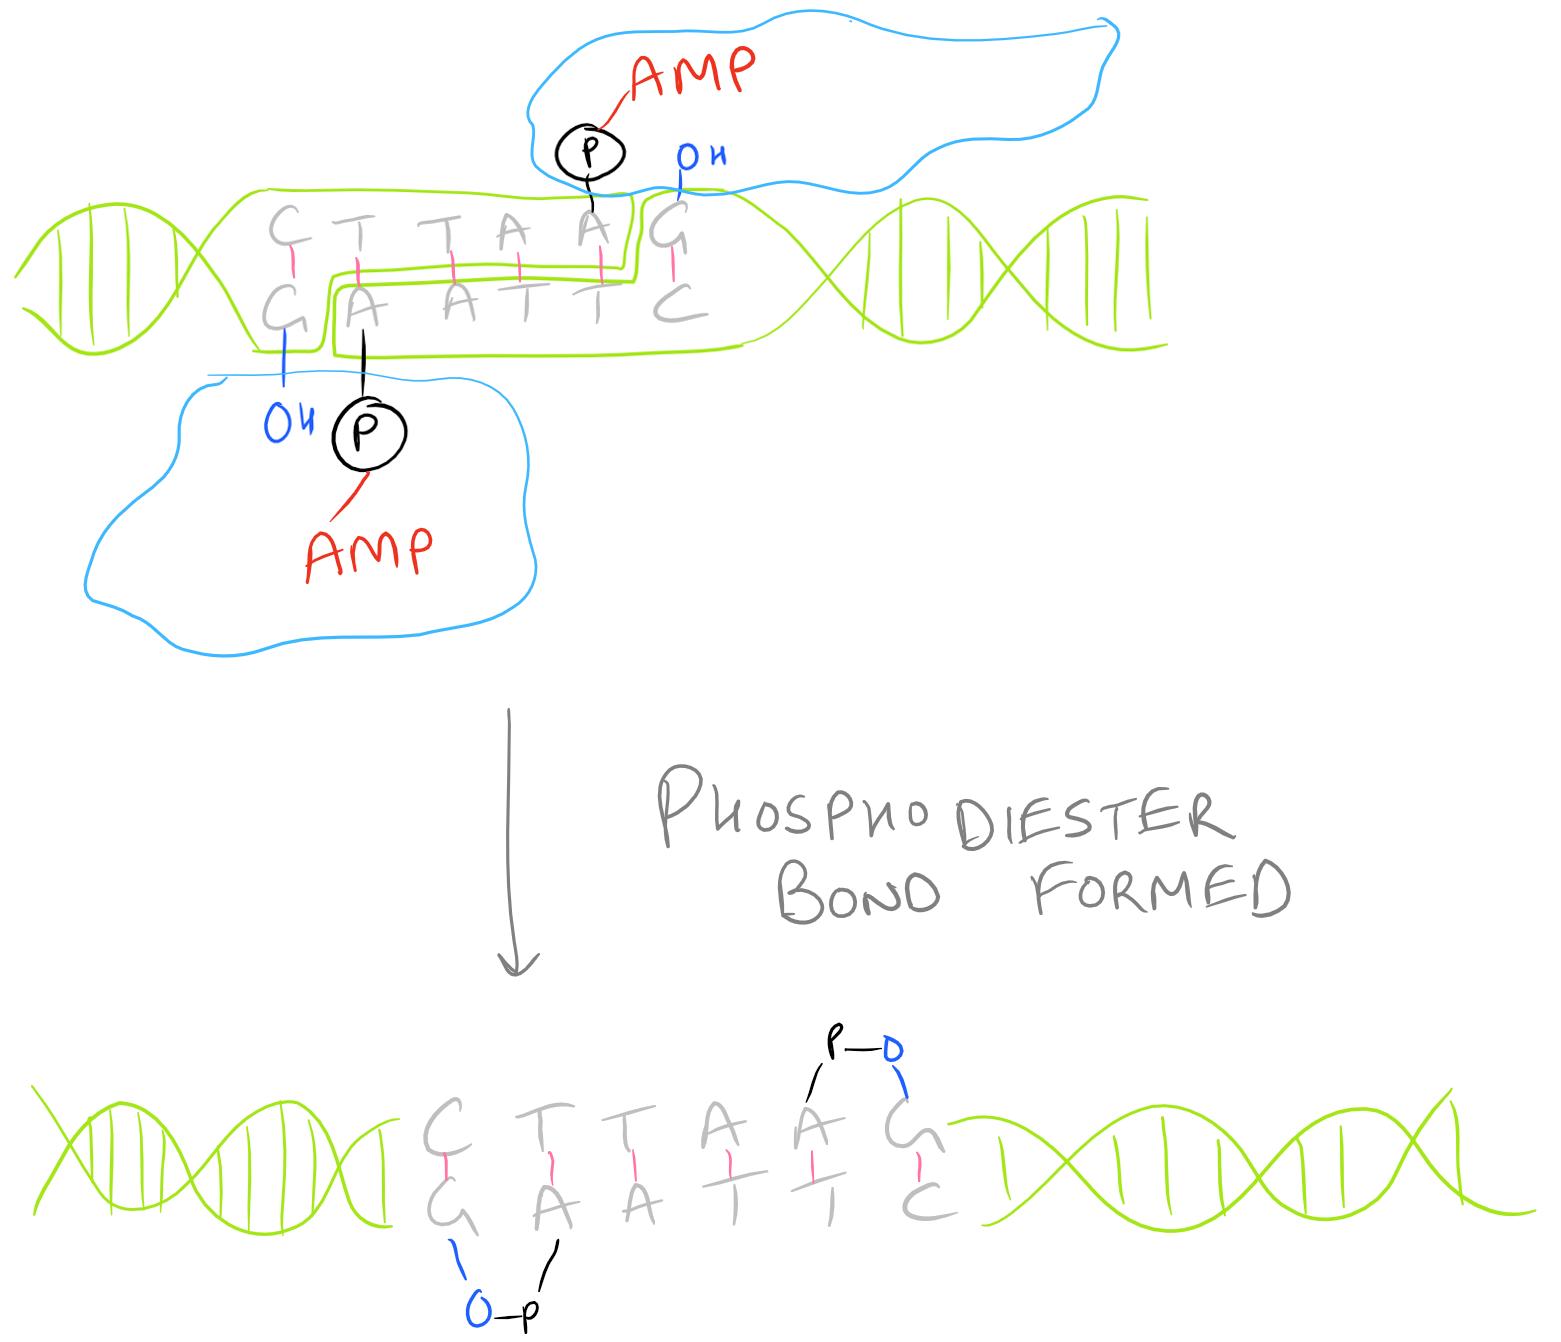 Phosphodiester Bond Formation during Ligation